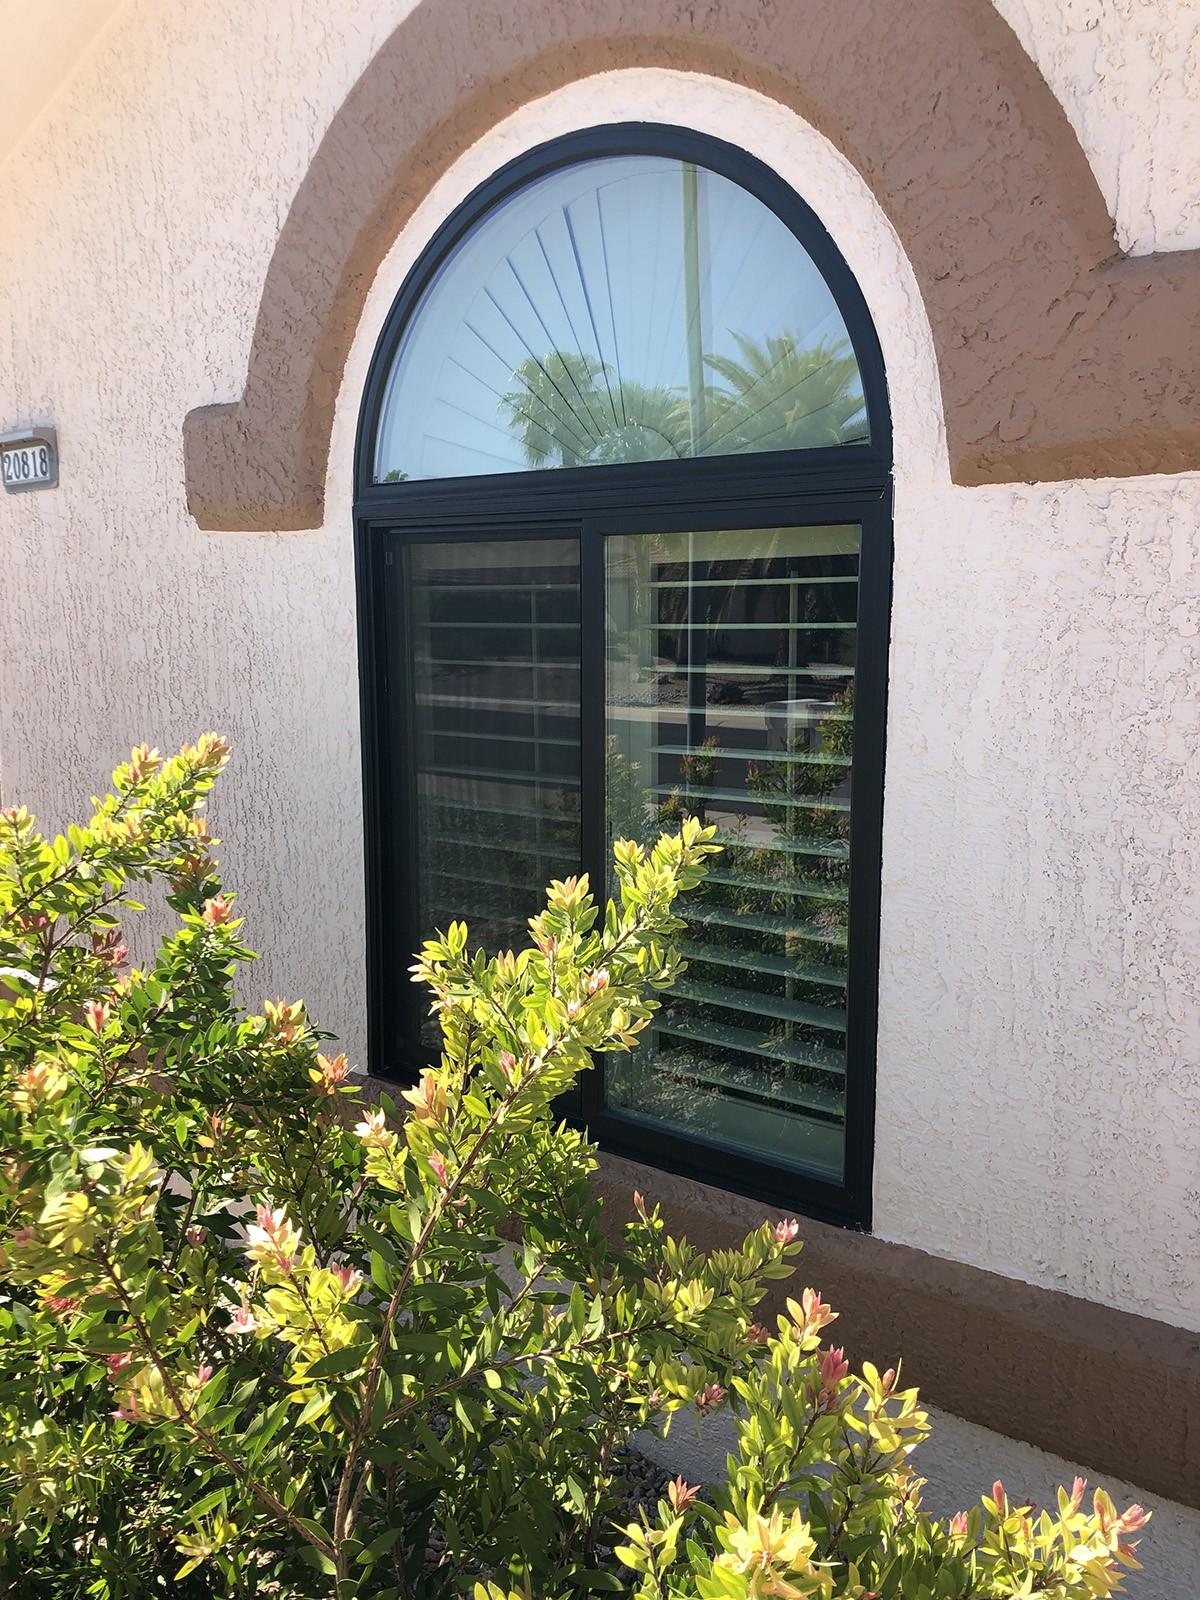 sip-gallery-windows-15